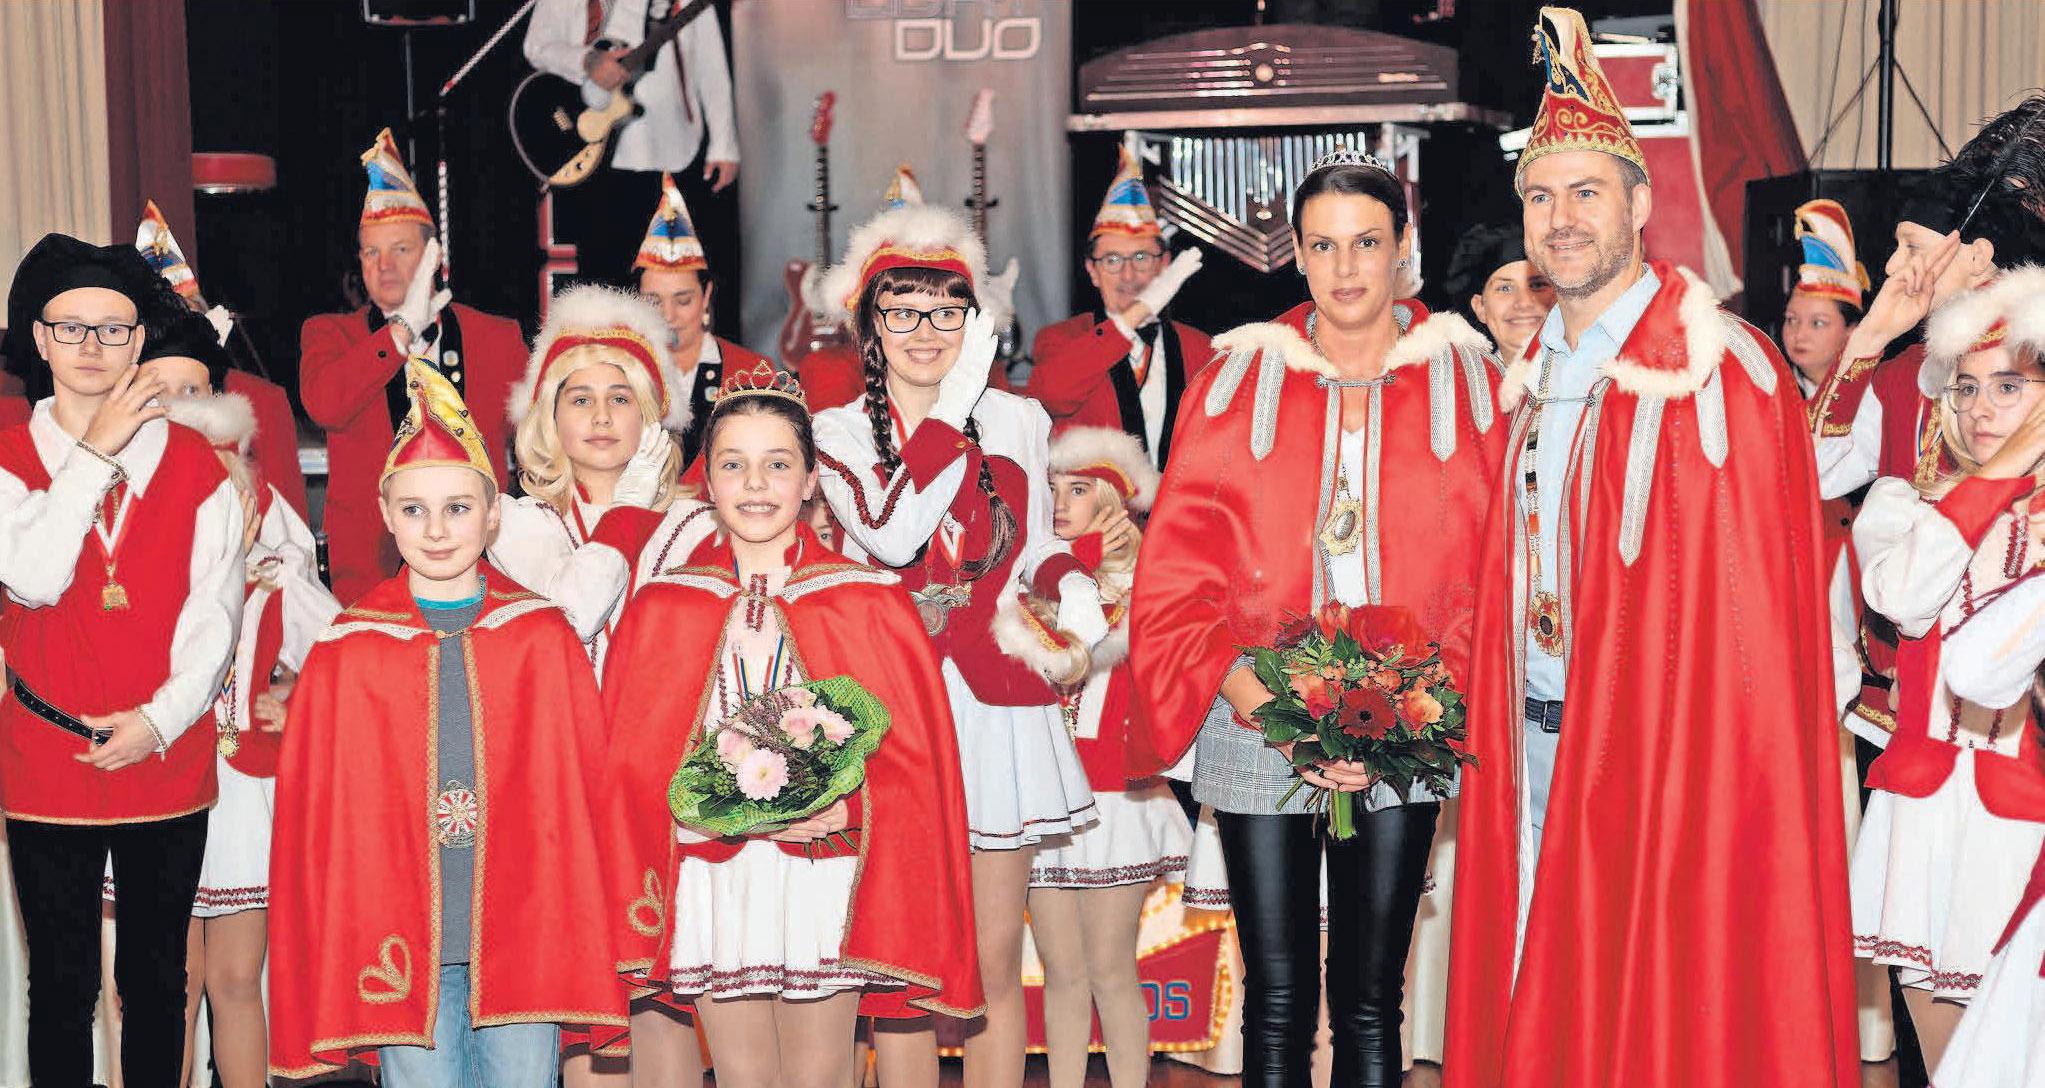 Die Majestäten der aktuellen Kampagne: Prinz Torben I. (vorn, von rechts), Prinzessin Stefanie I., Kinderprinzessin Katharina I. und Kinderprinz Janne I.